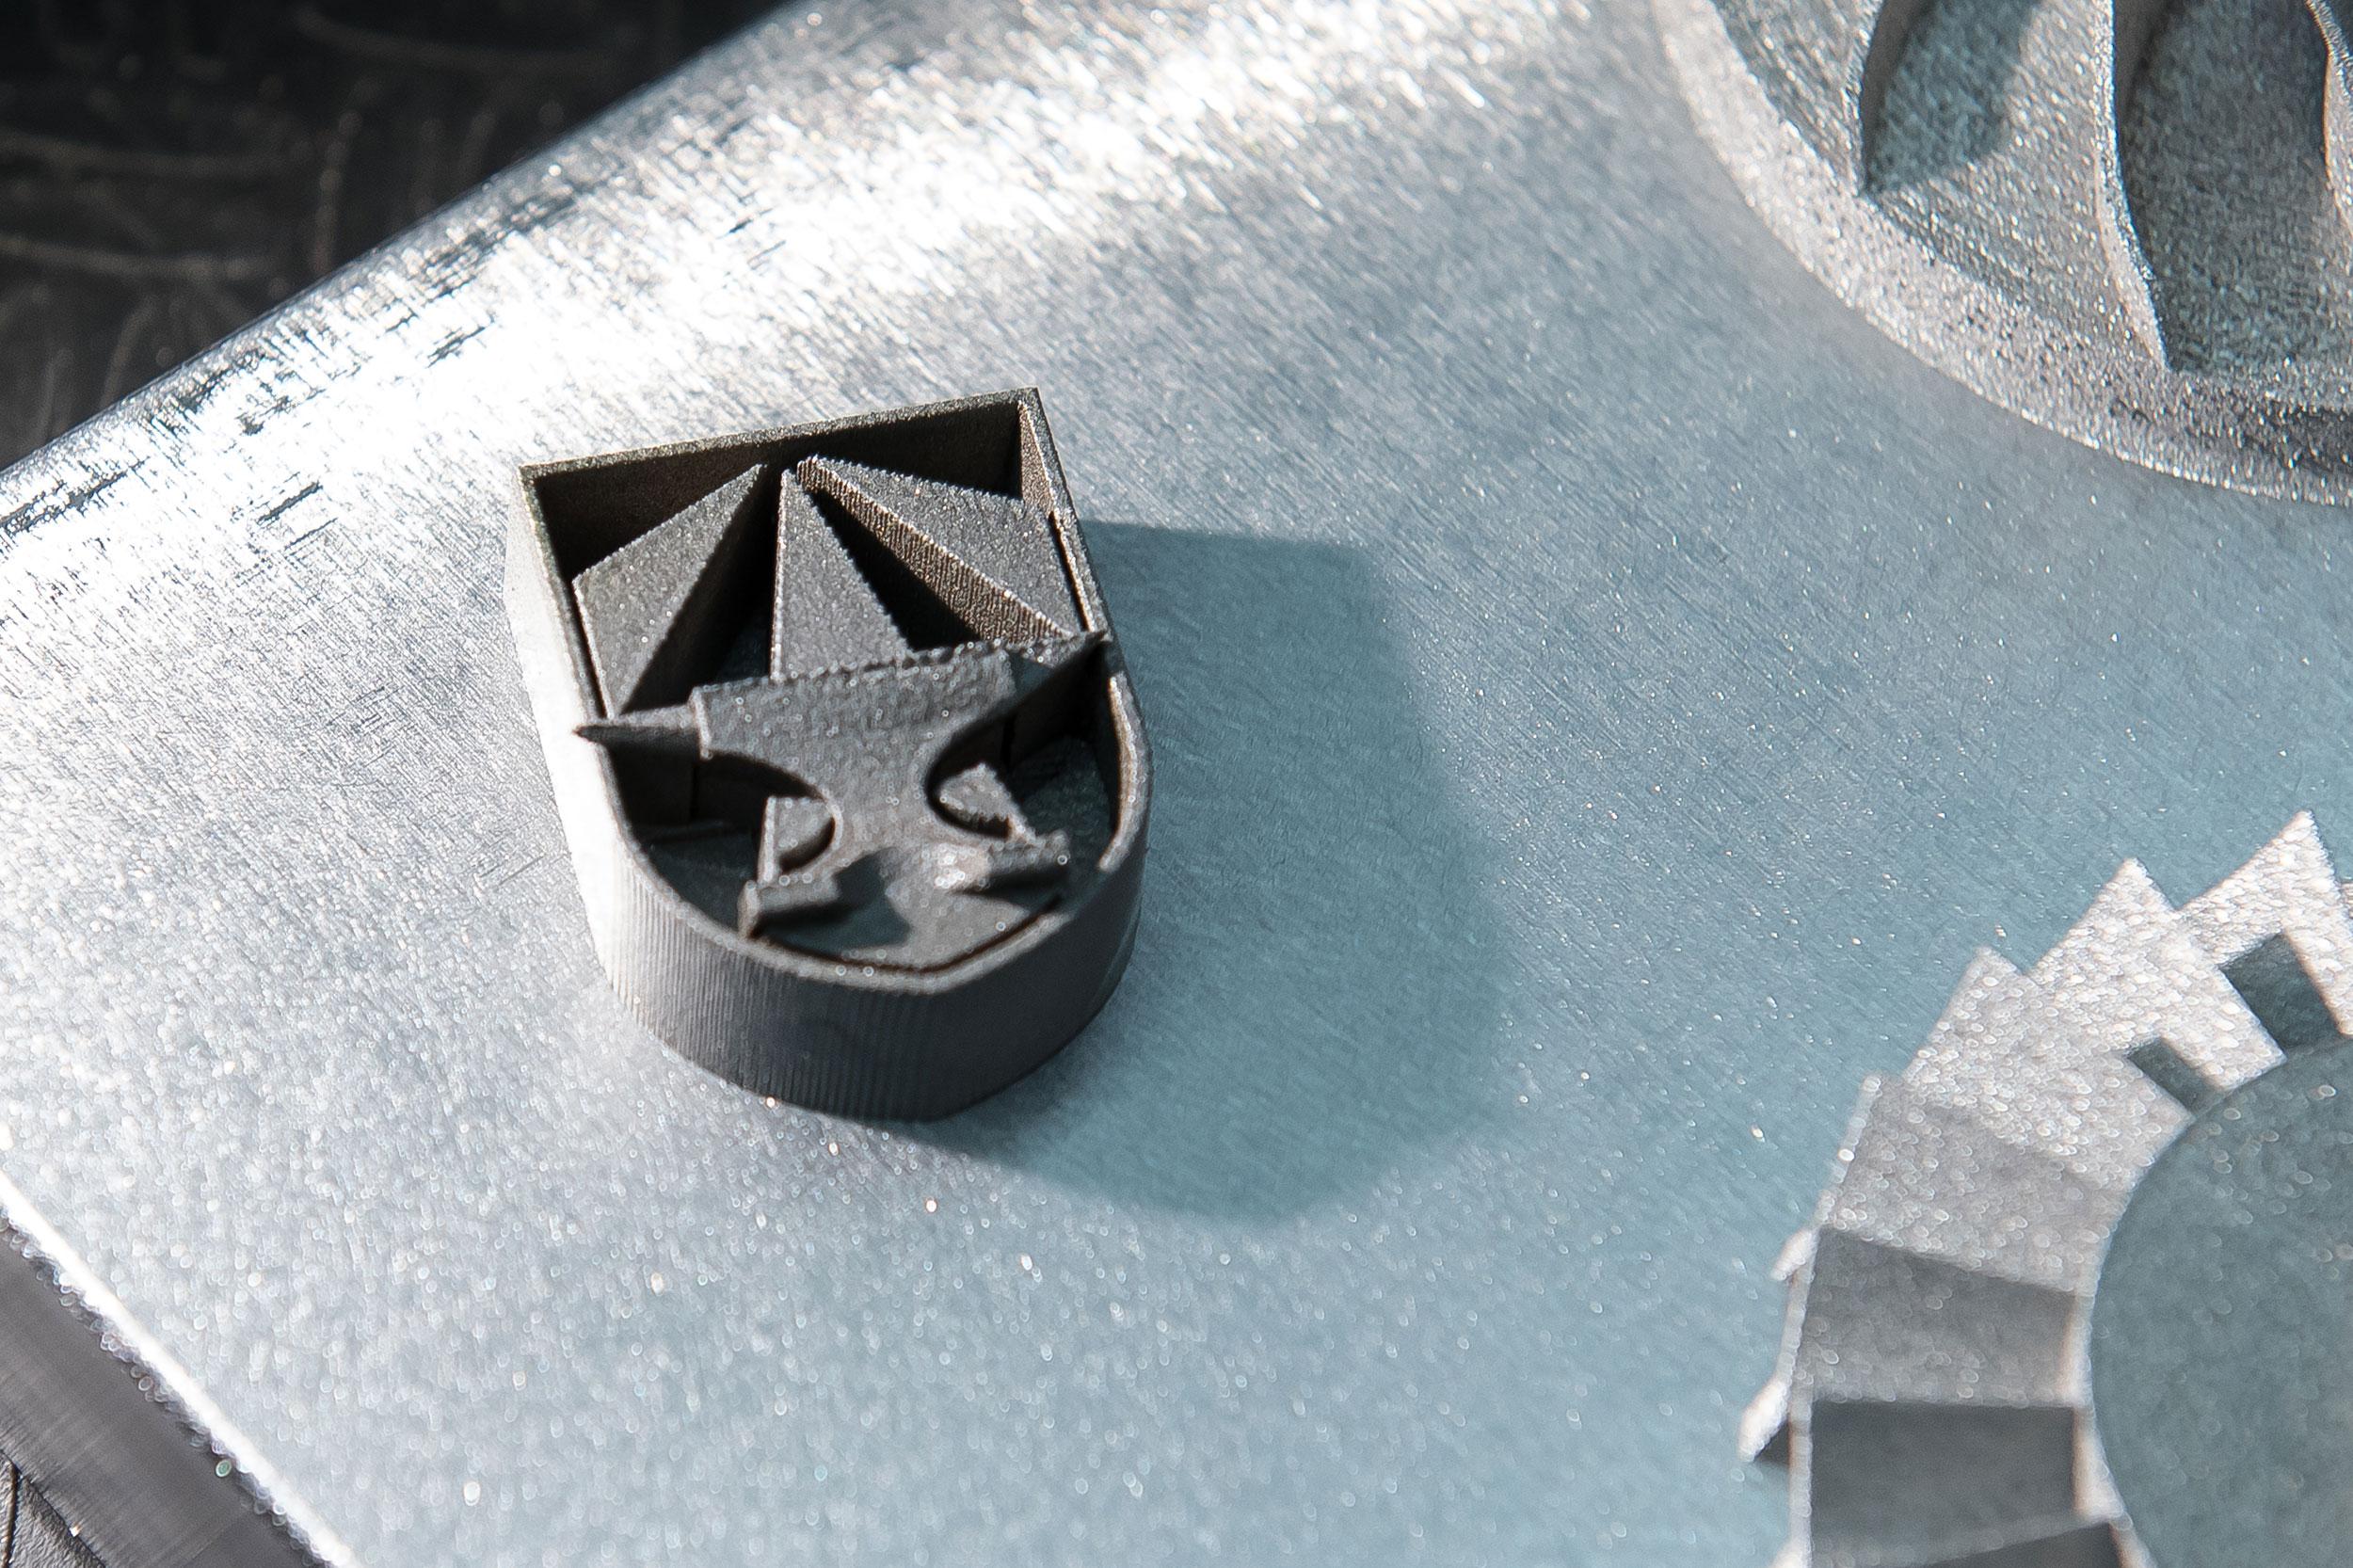 3D printed metal alloy